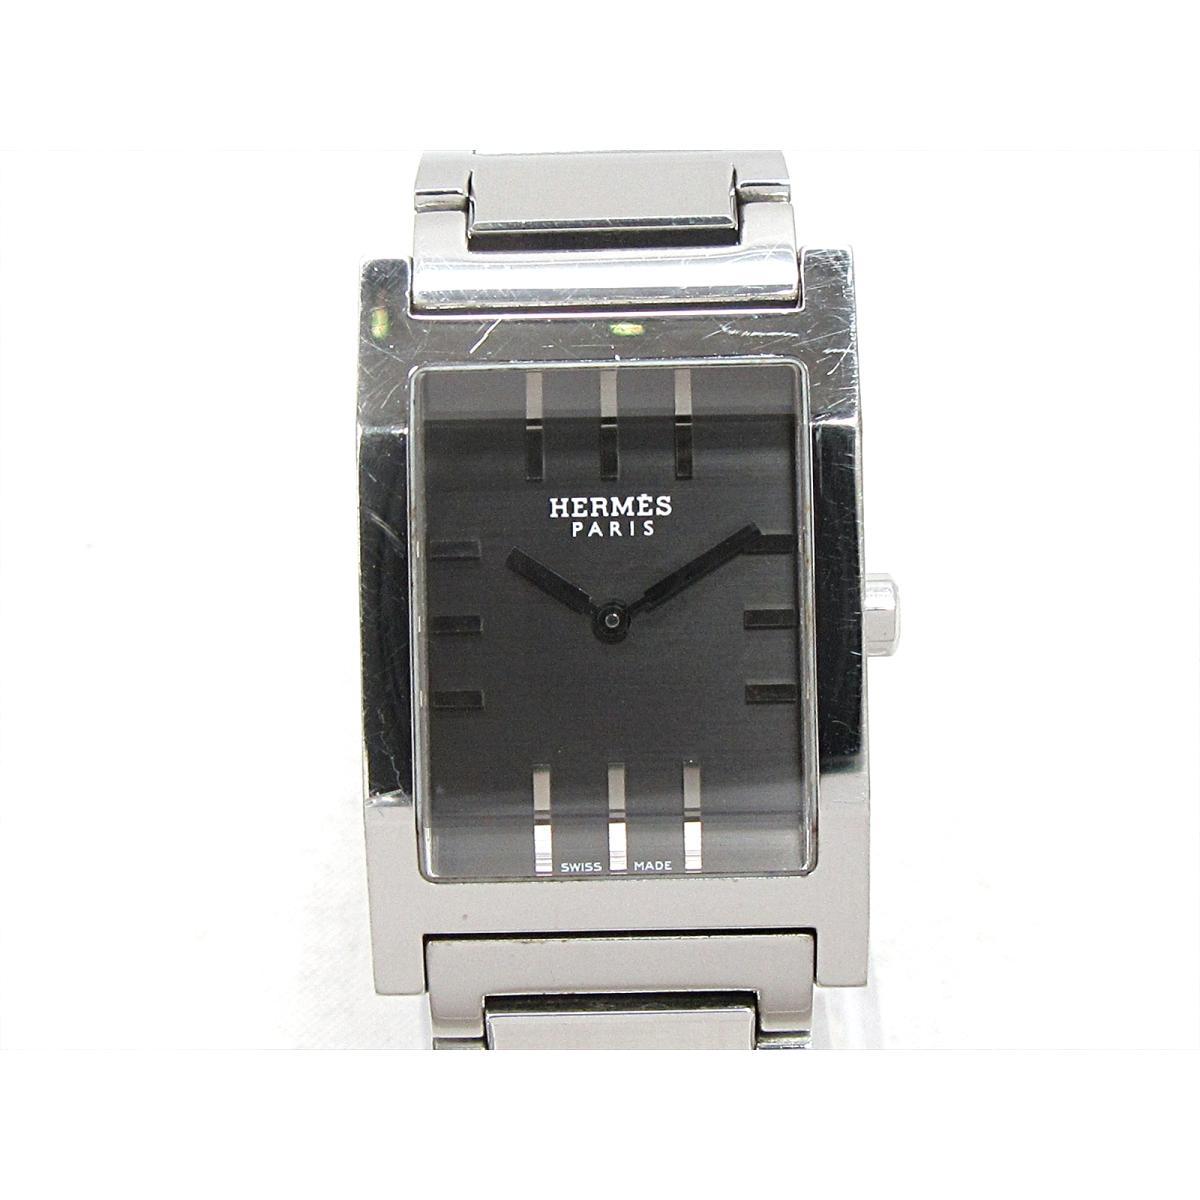 【中古】 エルメス タンデム 腕時計 ウォッチ メンズ ステンレススチール (SS) (TA1.710) | HERMES クオーツ 時計 タンデム 美品 ブランドオフ